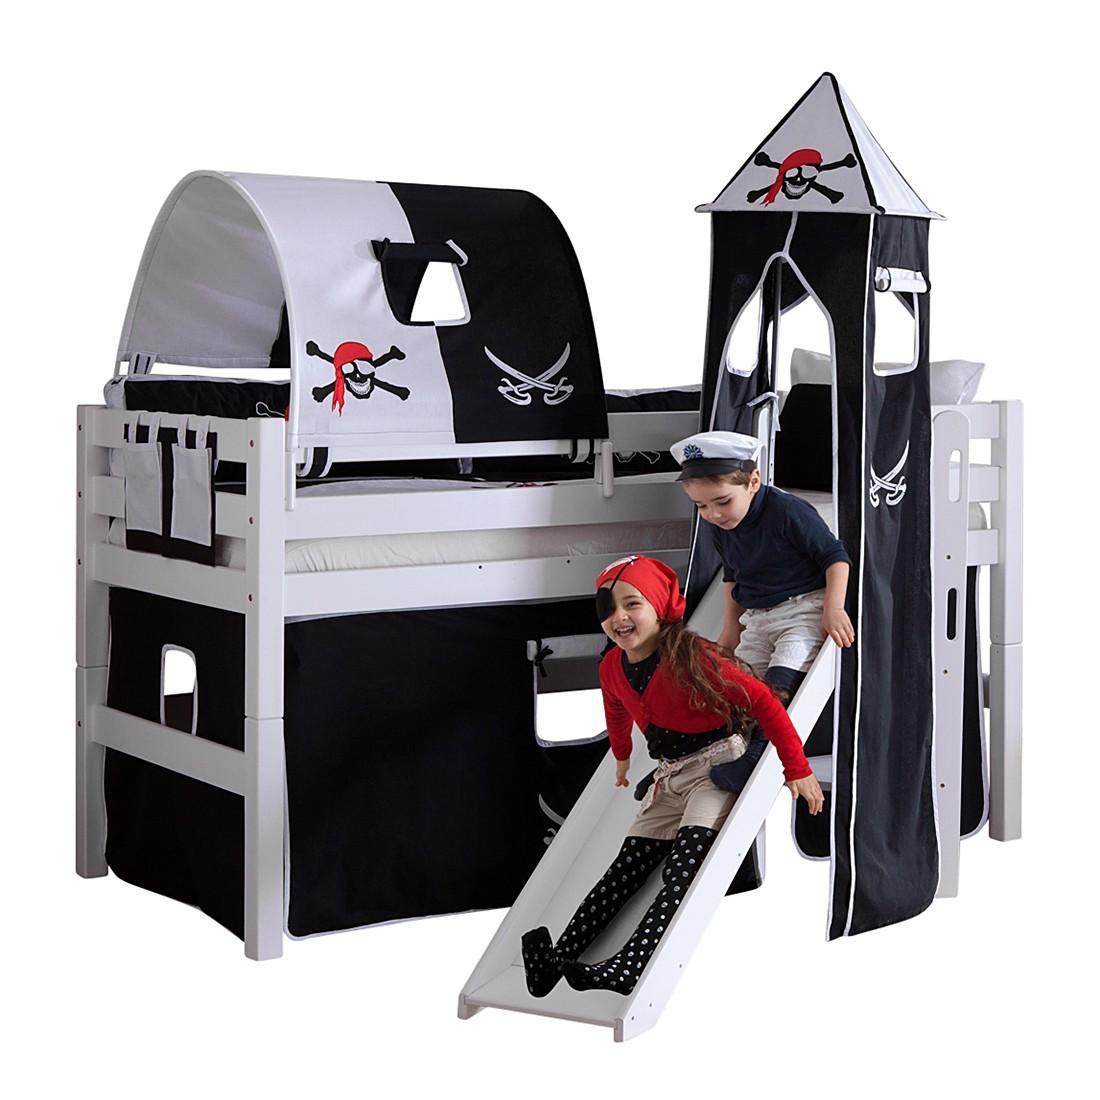 Spielbett Eliyas - mit Rutsche, Vorhang, Tunnel, Turm und Tasche - Buche weiß/Textil Pirat, Relita